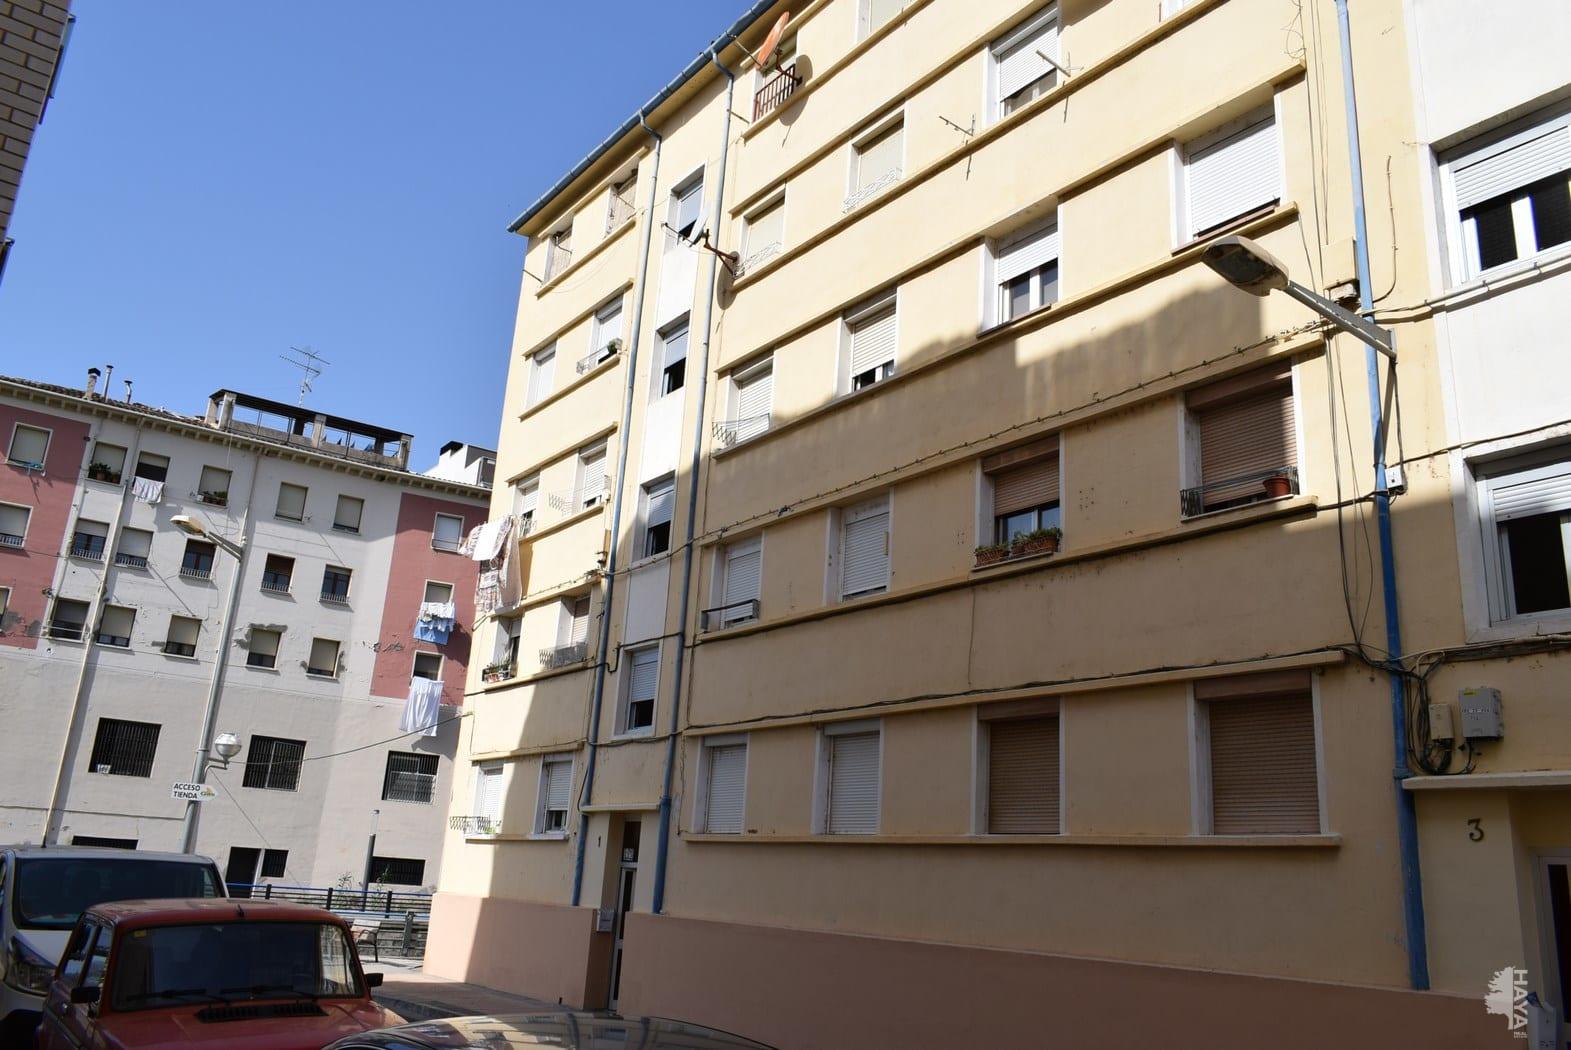 Piso en venta en Barbastro, Barbastro, Huesca, Calle Huesca, 37.000 €, 2 habitaciones, 1 baño, 62 m2